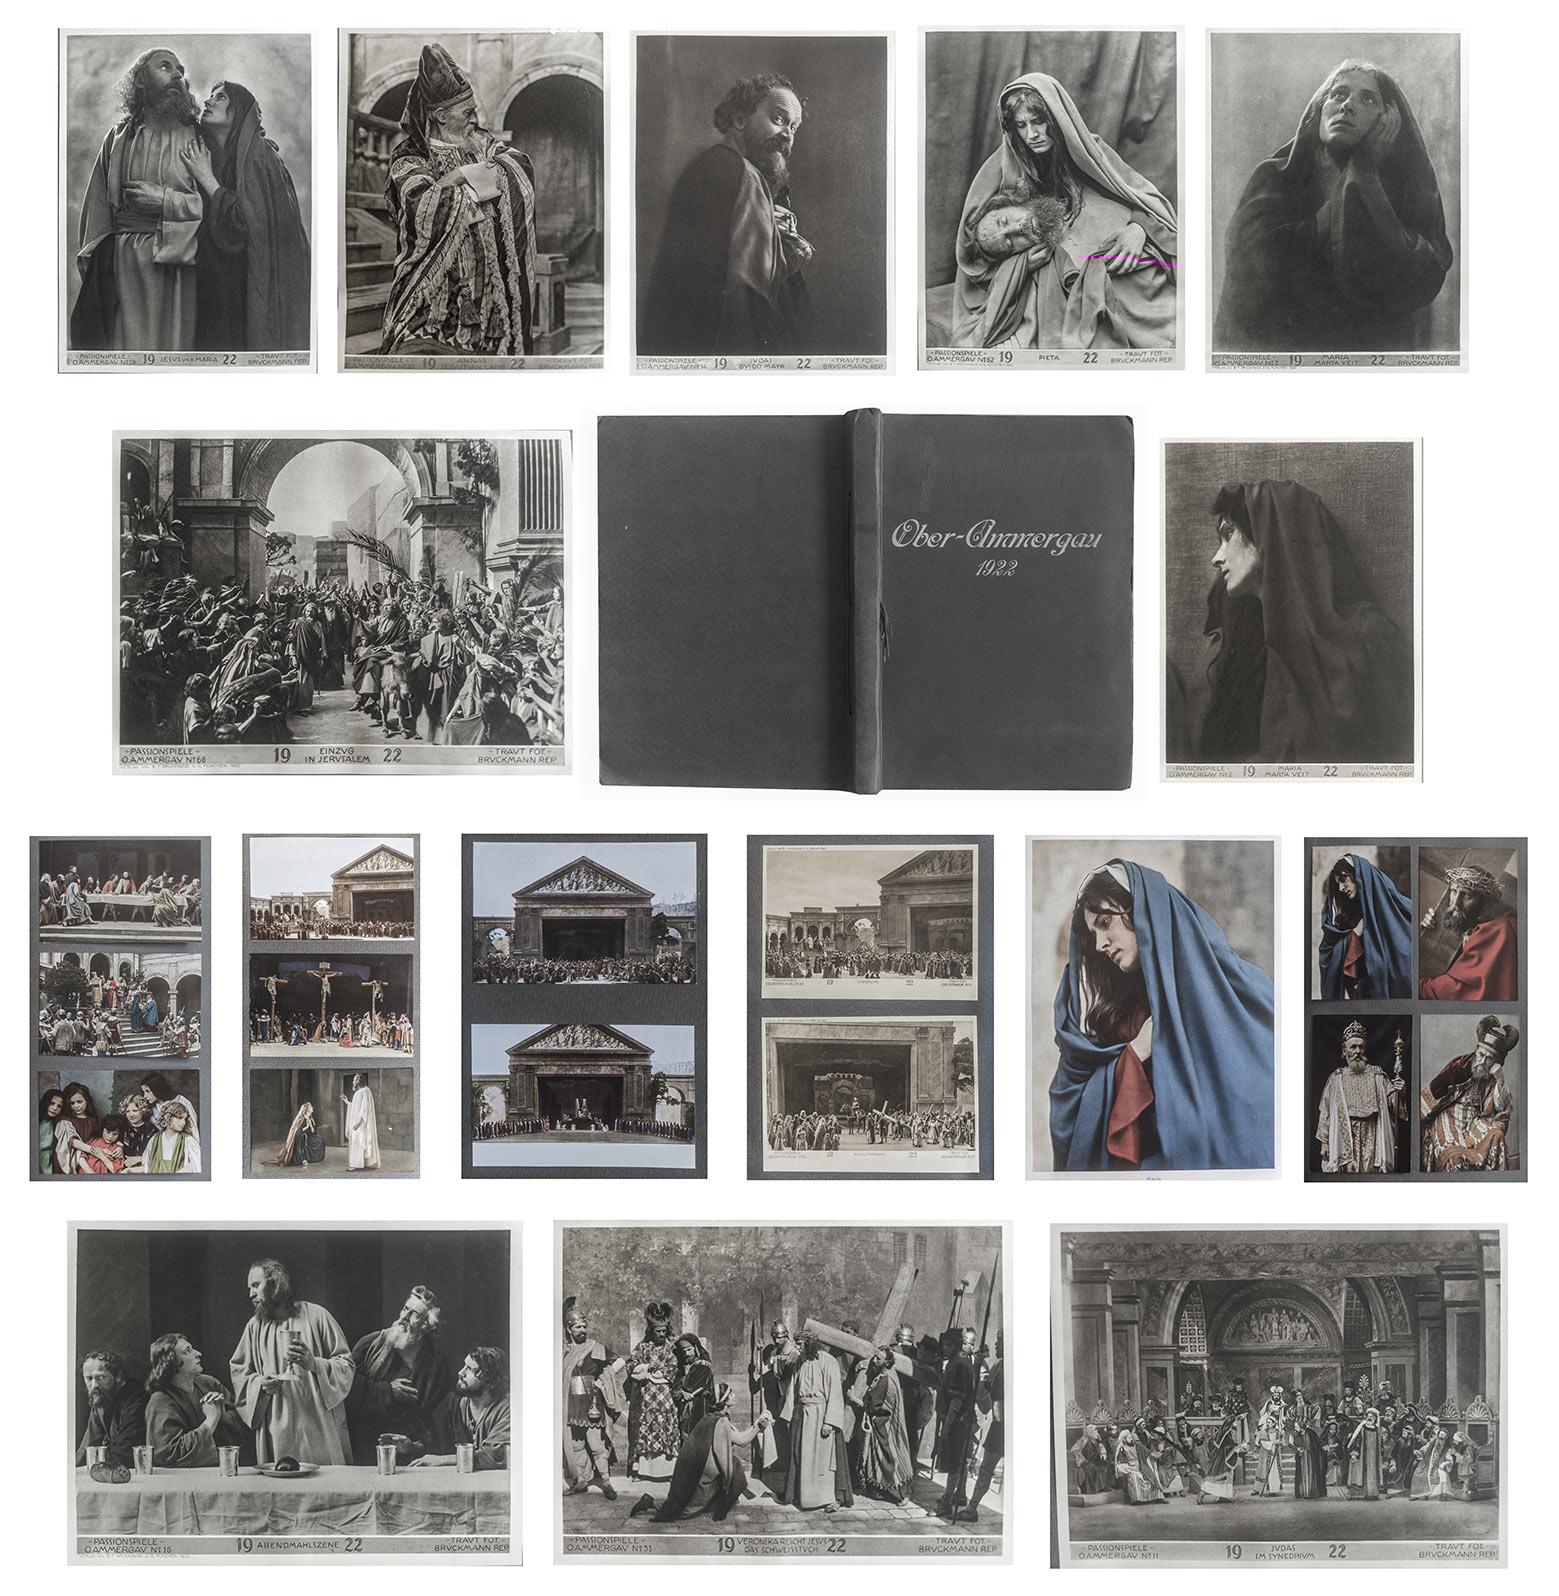 (Album von) Ober-Ammer-Gau 1922 mit 84 montierten Abbilldungen. Bildformate zwischen 18,2 x 24,0, 12,1 x 17,0, 8,7 x 14,1 cm.  51 montierte Fotografien in getontem Tiefdruck, 33 montierte Farbtafeln in Autotypie. Im Original Album, bestehend aus 26 Fotoka